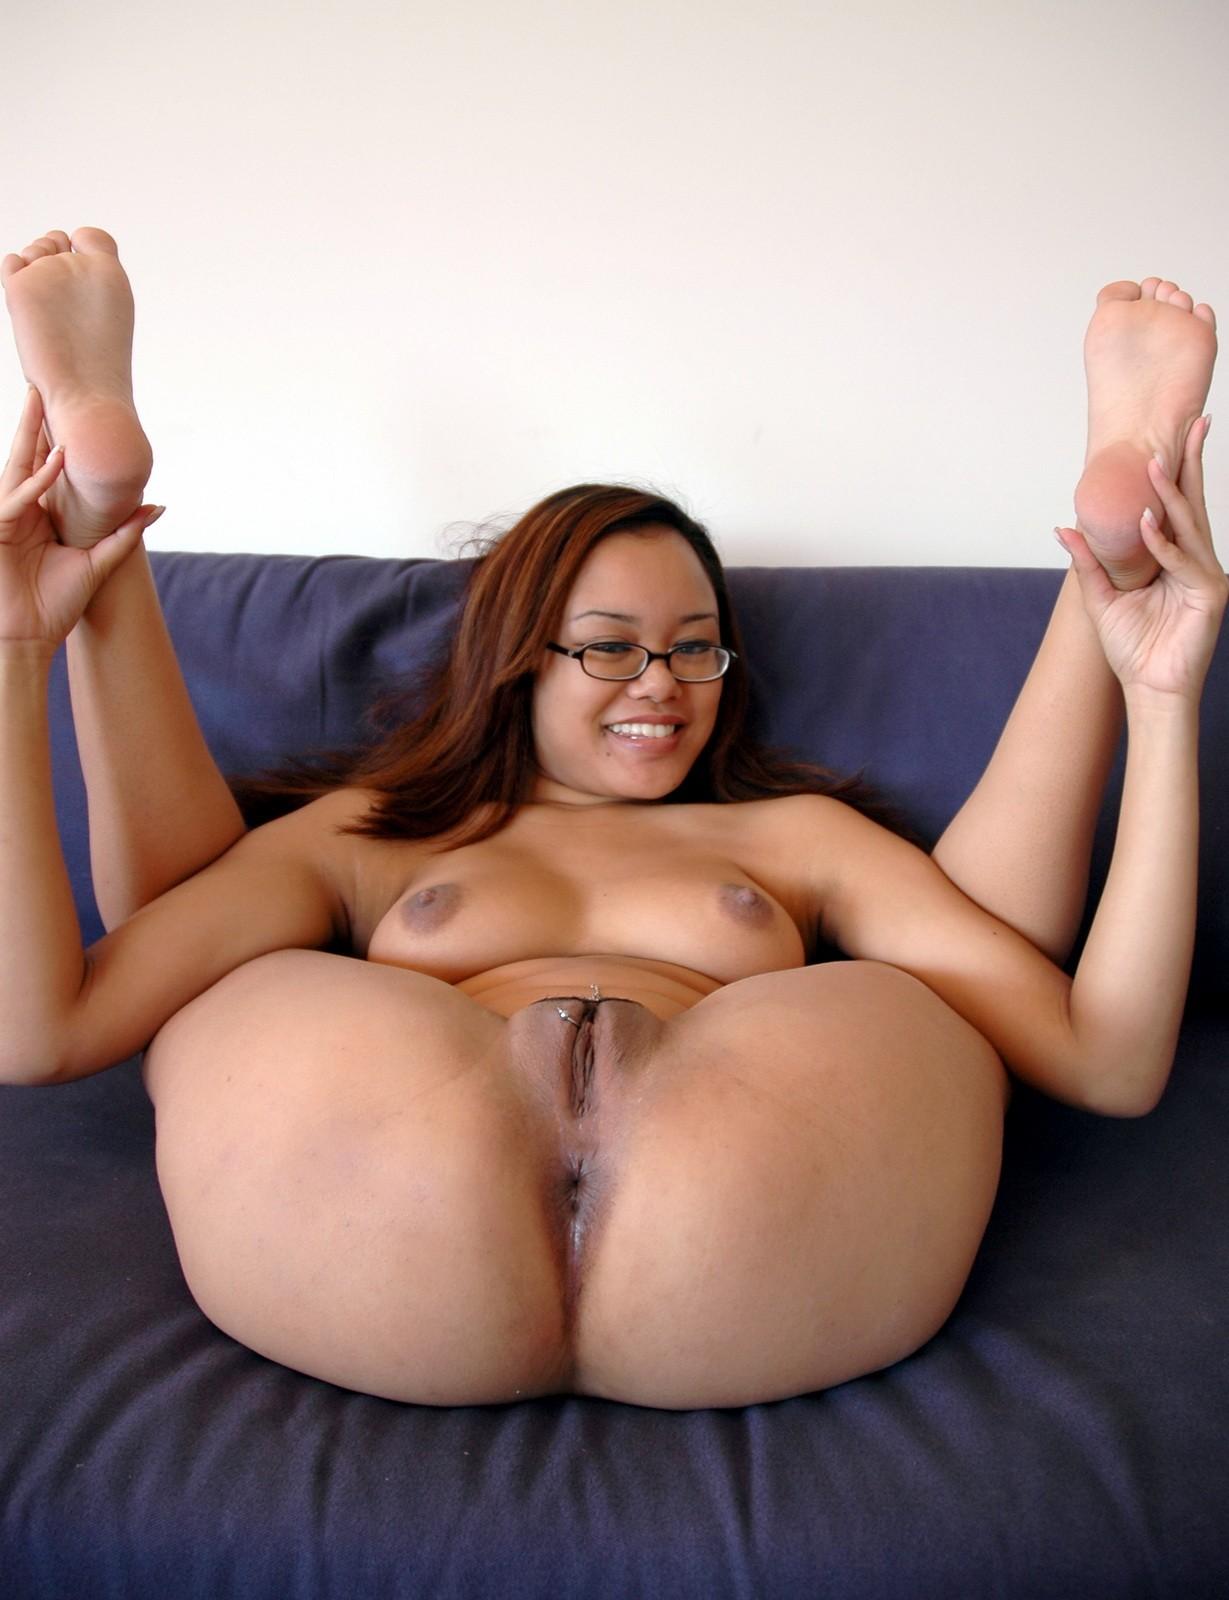 milf pantyhose leg pics – Pantyhose